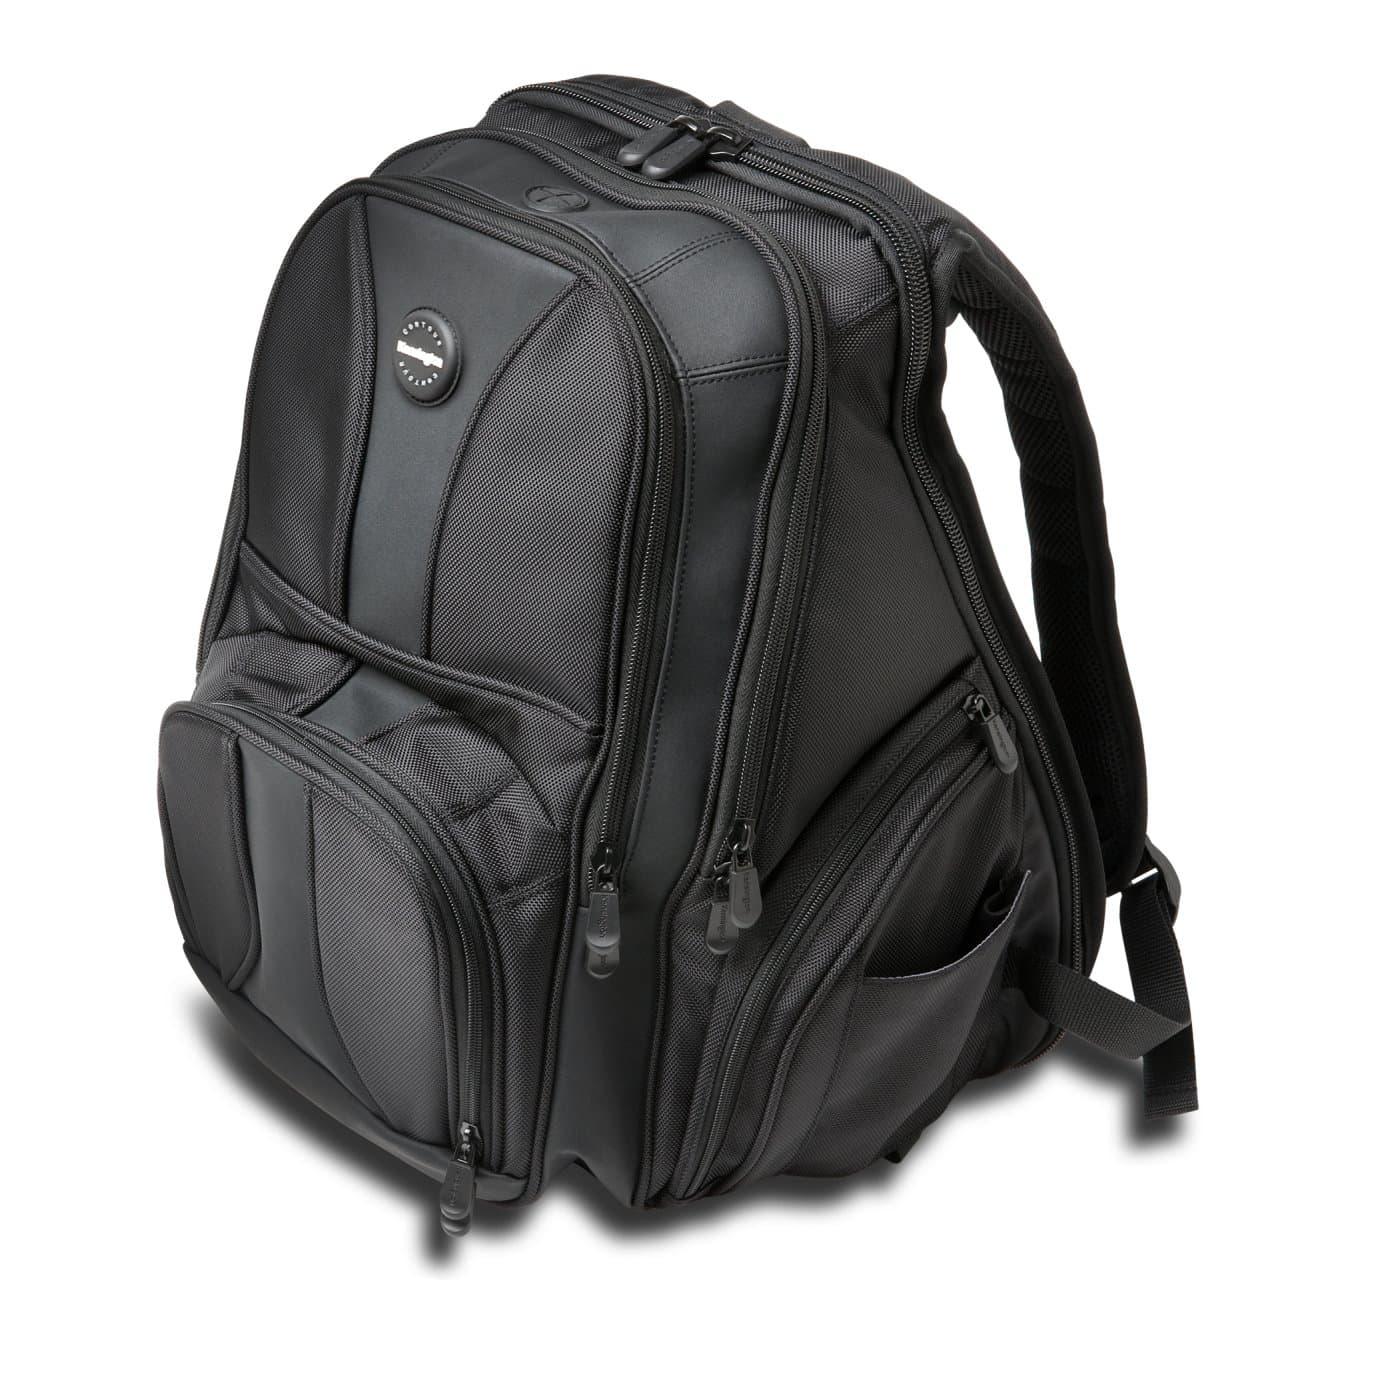 Рюкзаке kensington как затягивать ремни на рюкзаке